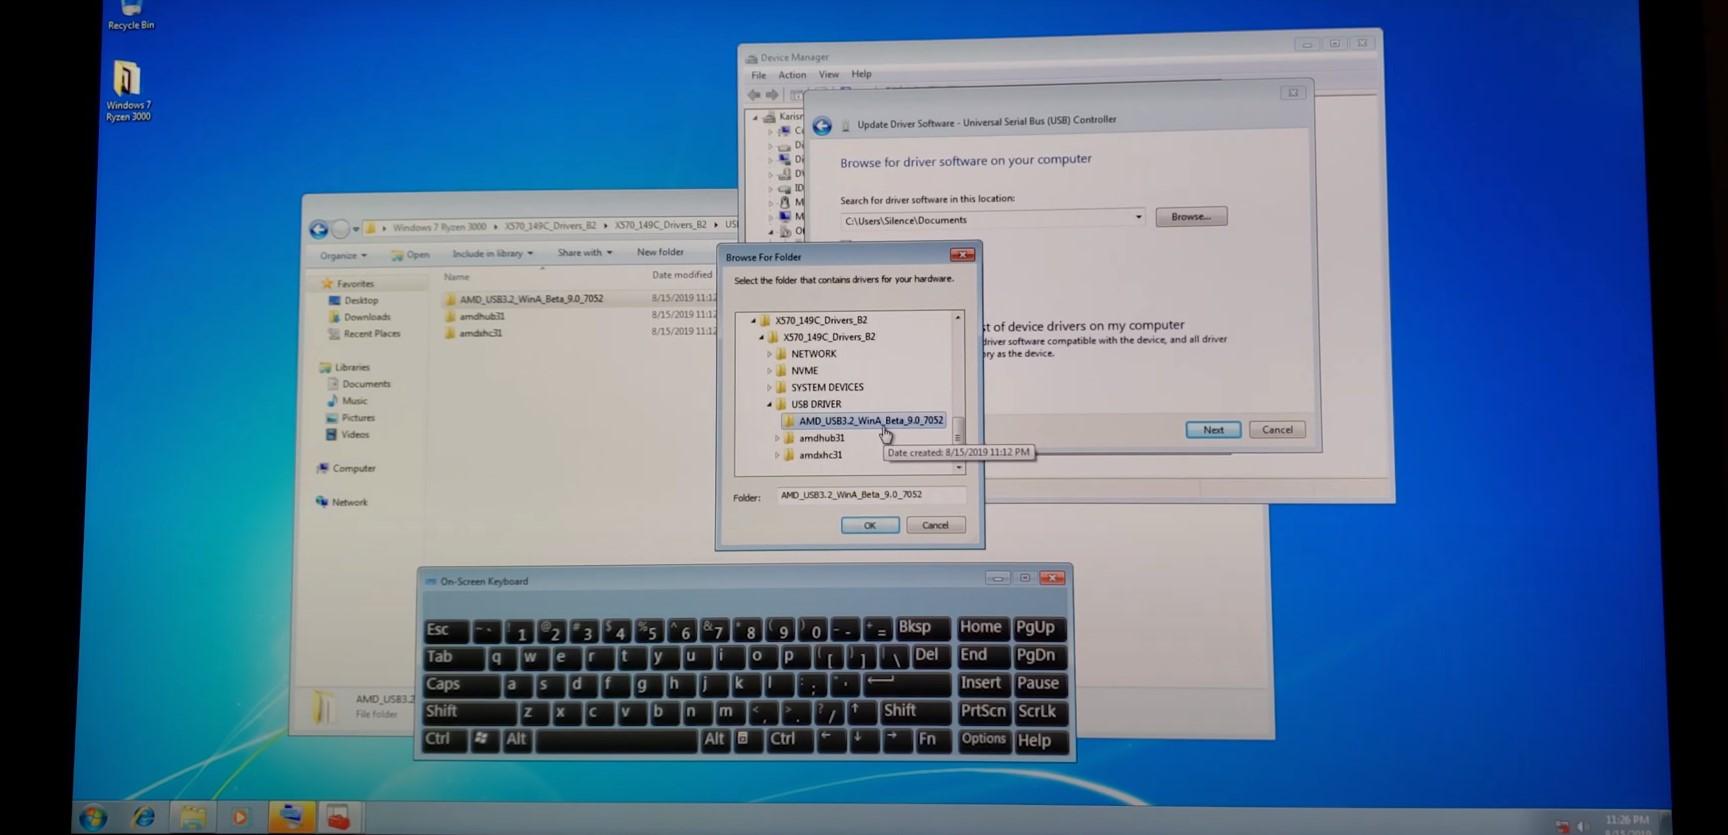 фото Работа с Windows 7